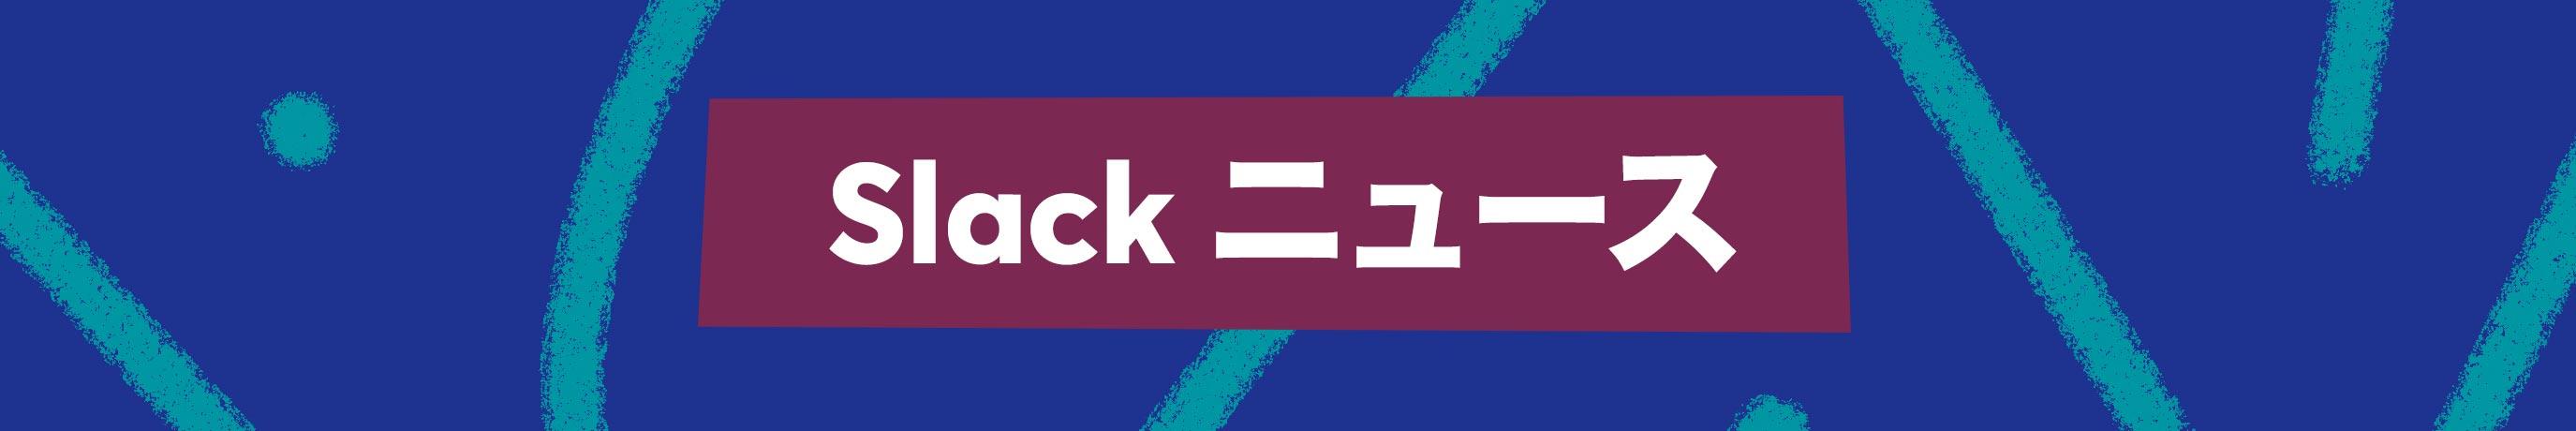 Slack news in Japanese